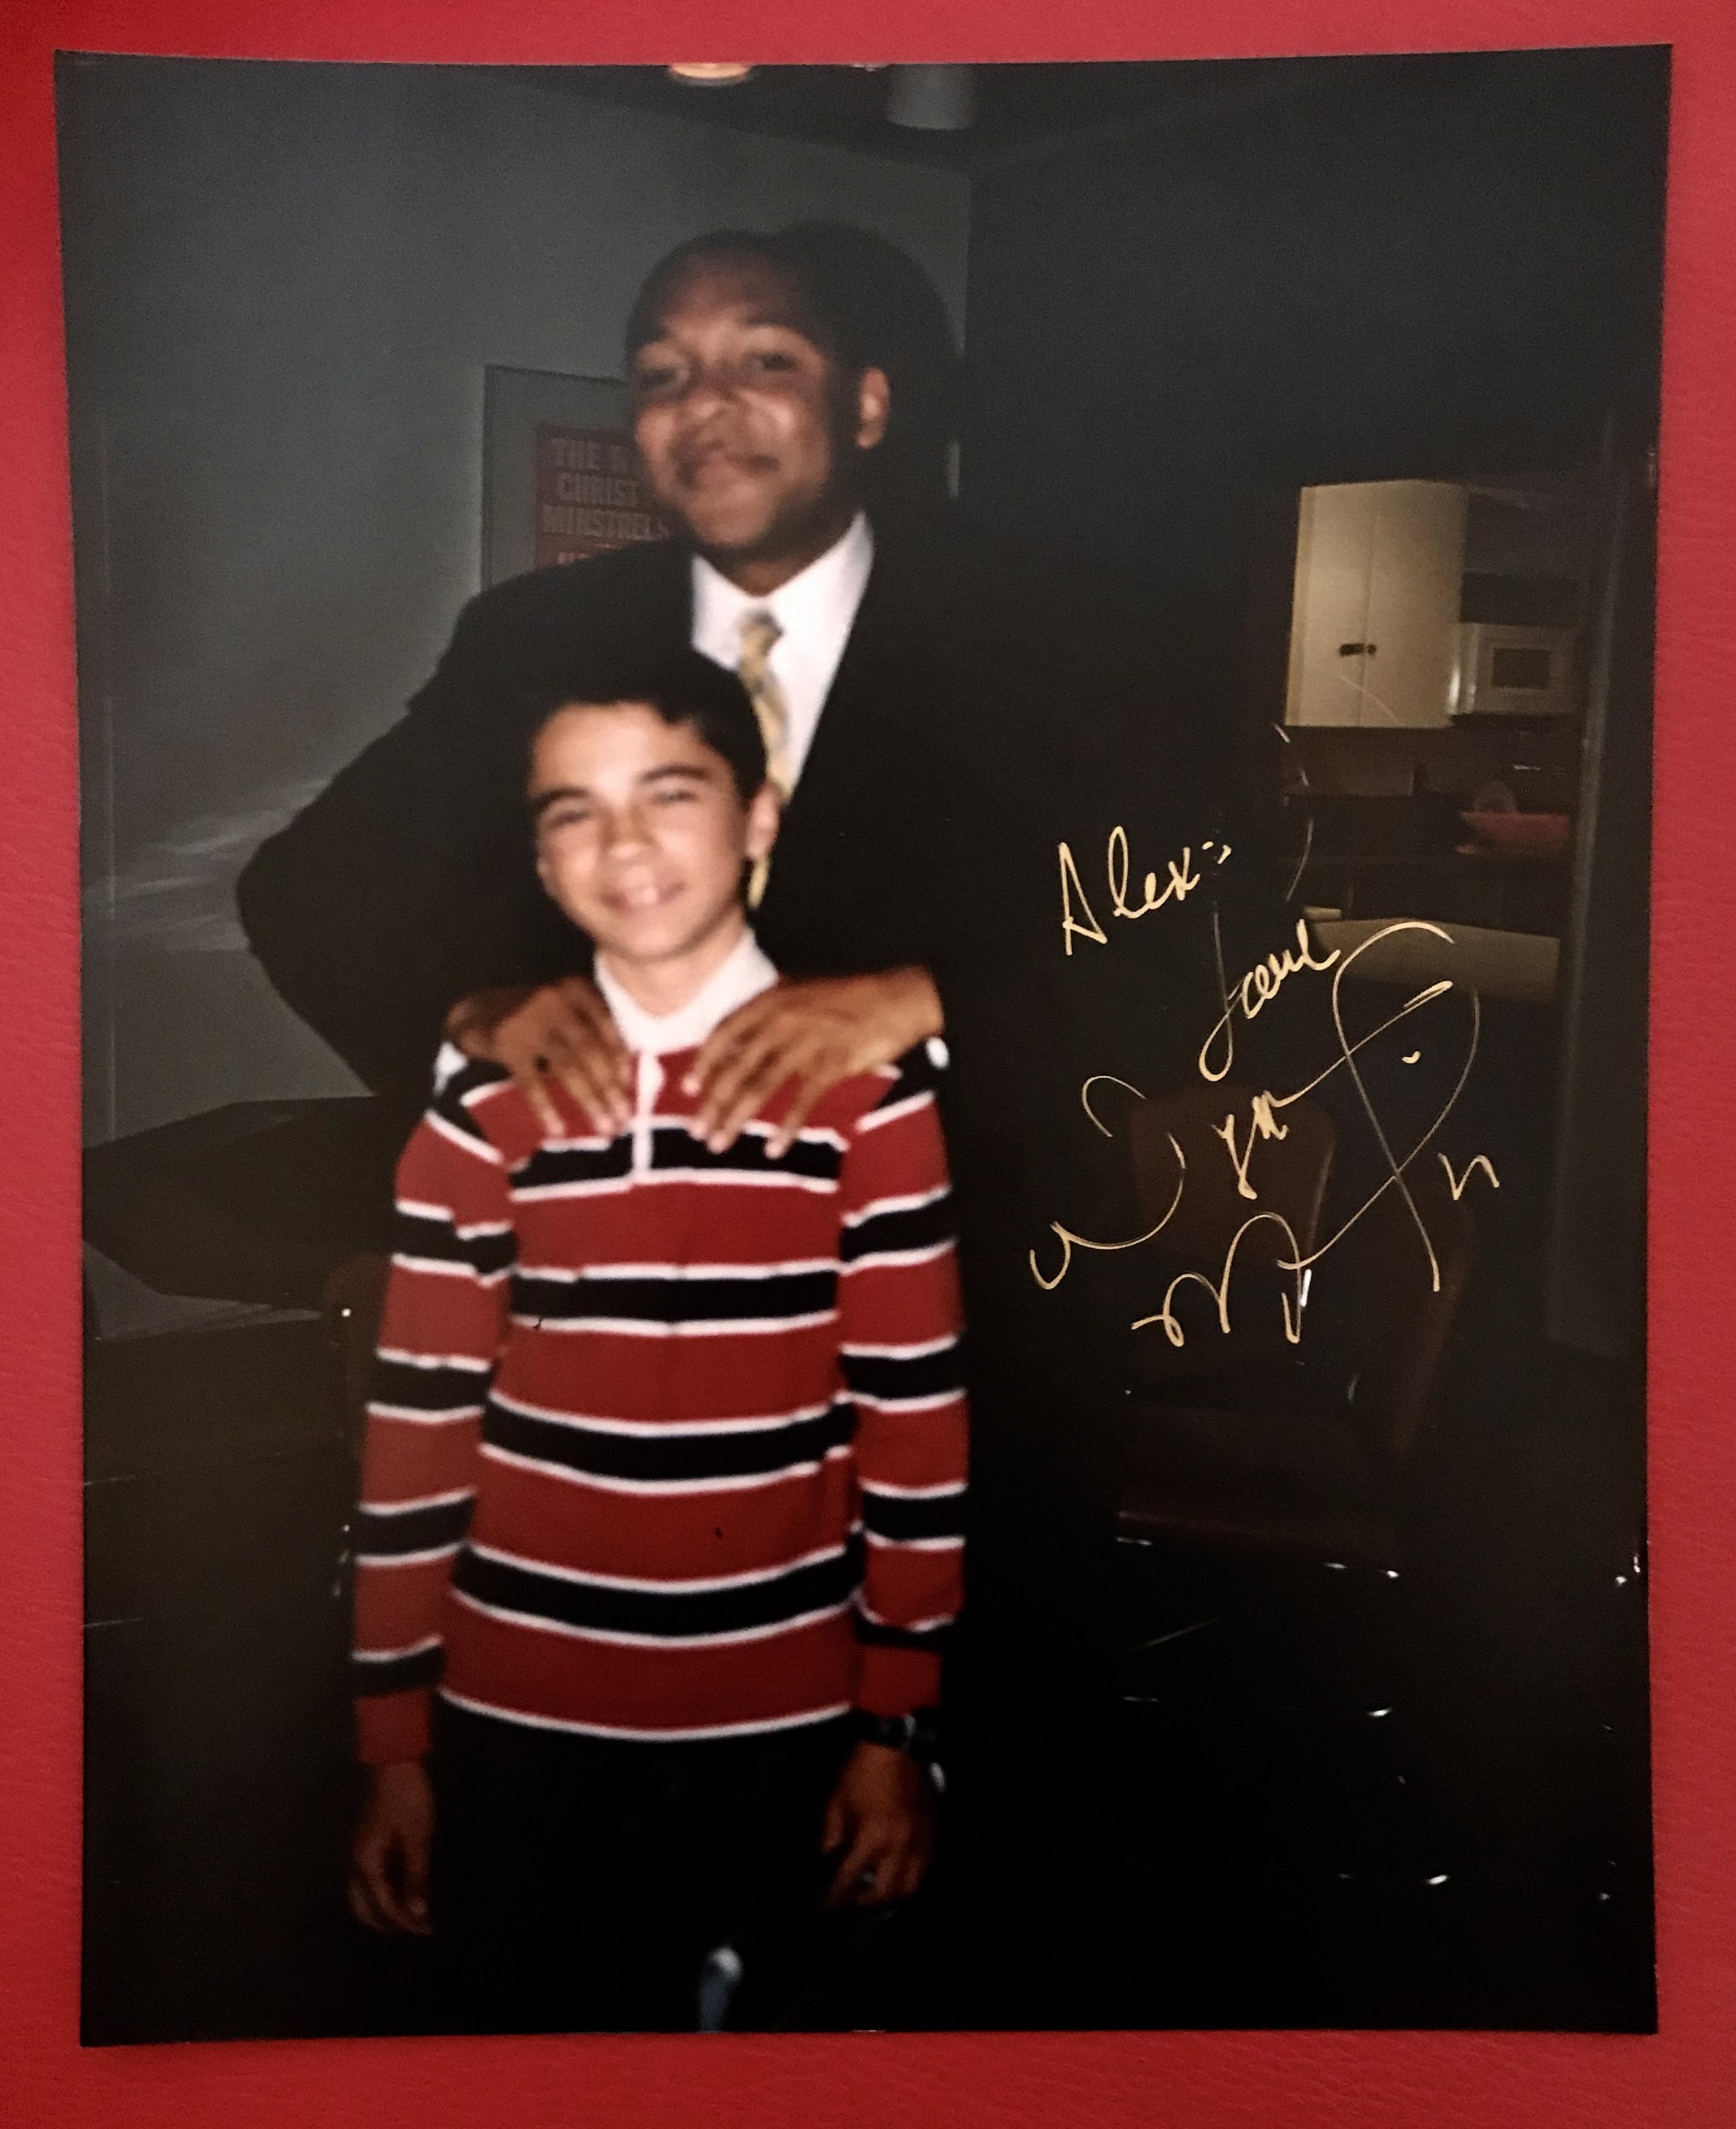 Jazz as a Kid - Wynton Marsalis